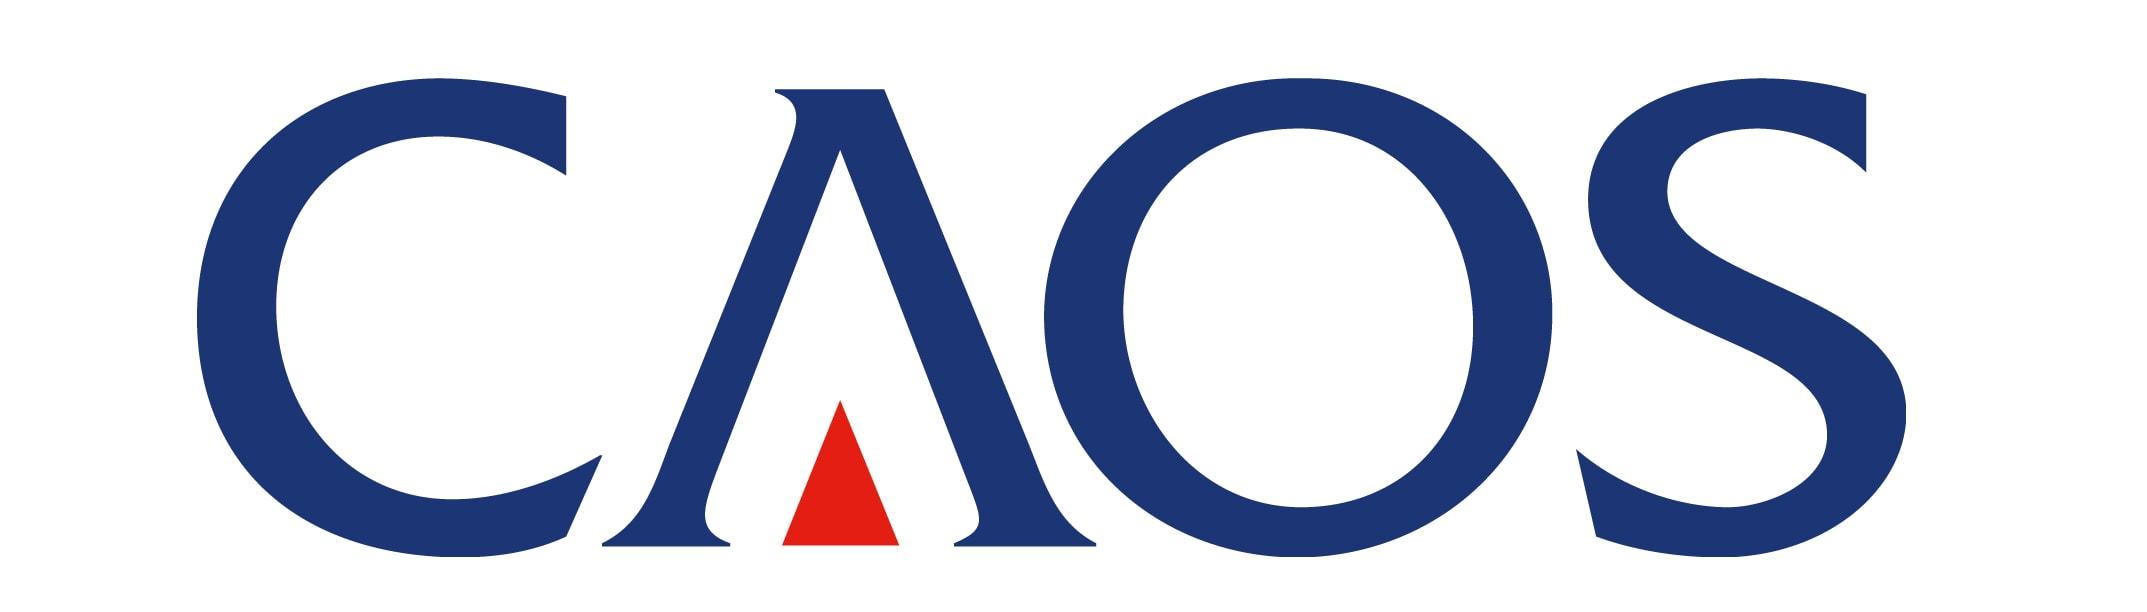 CAOS Logo-high